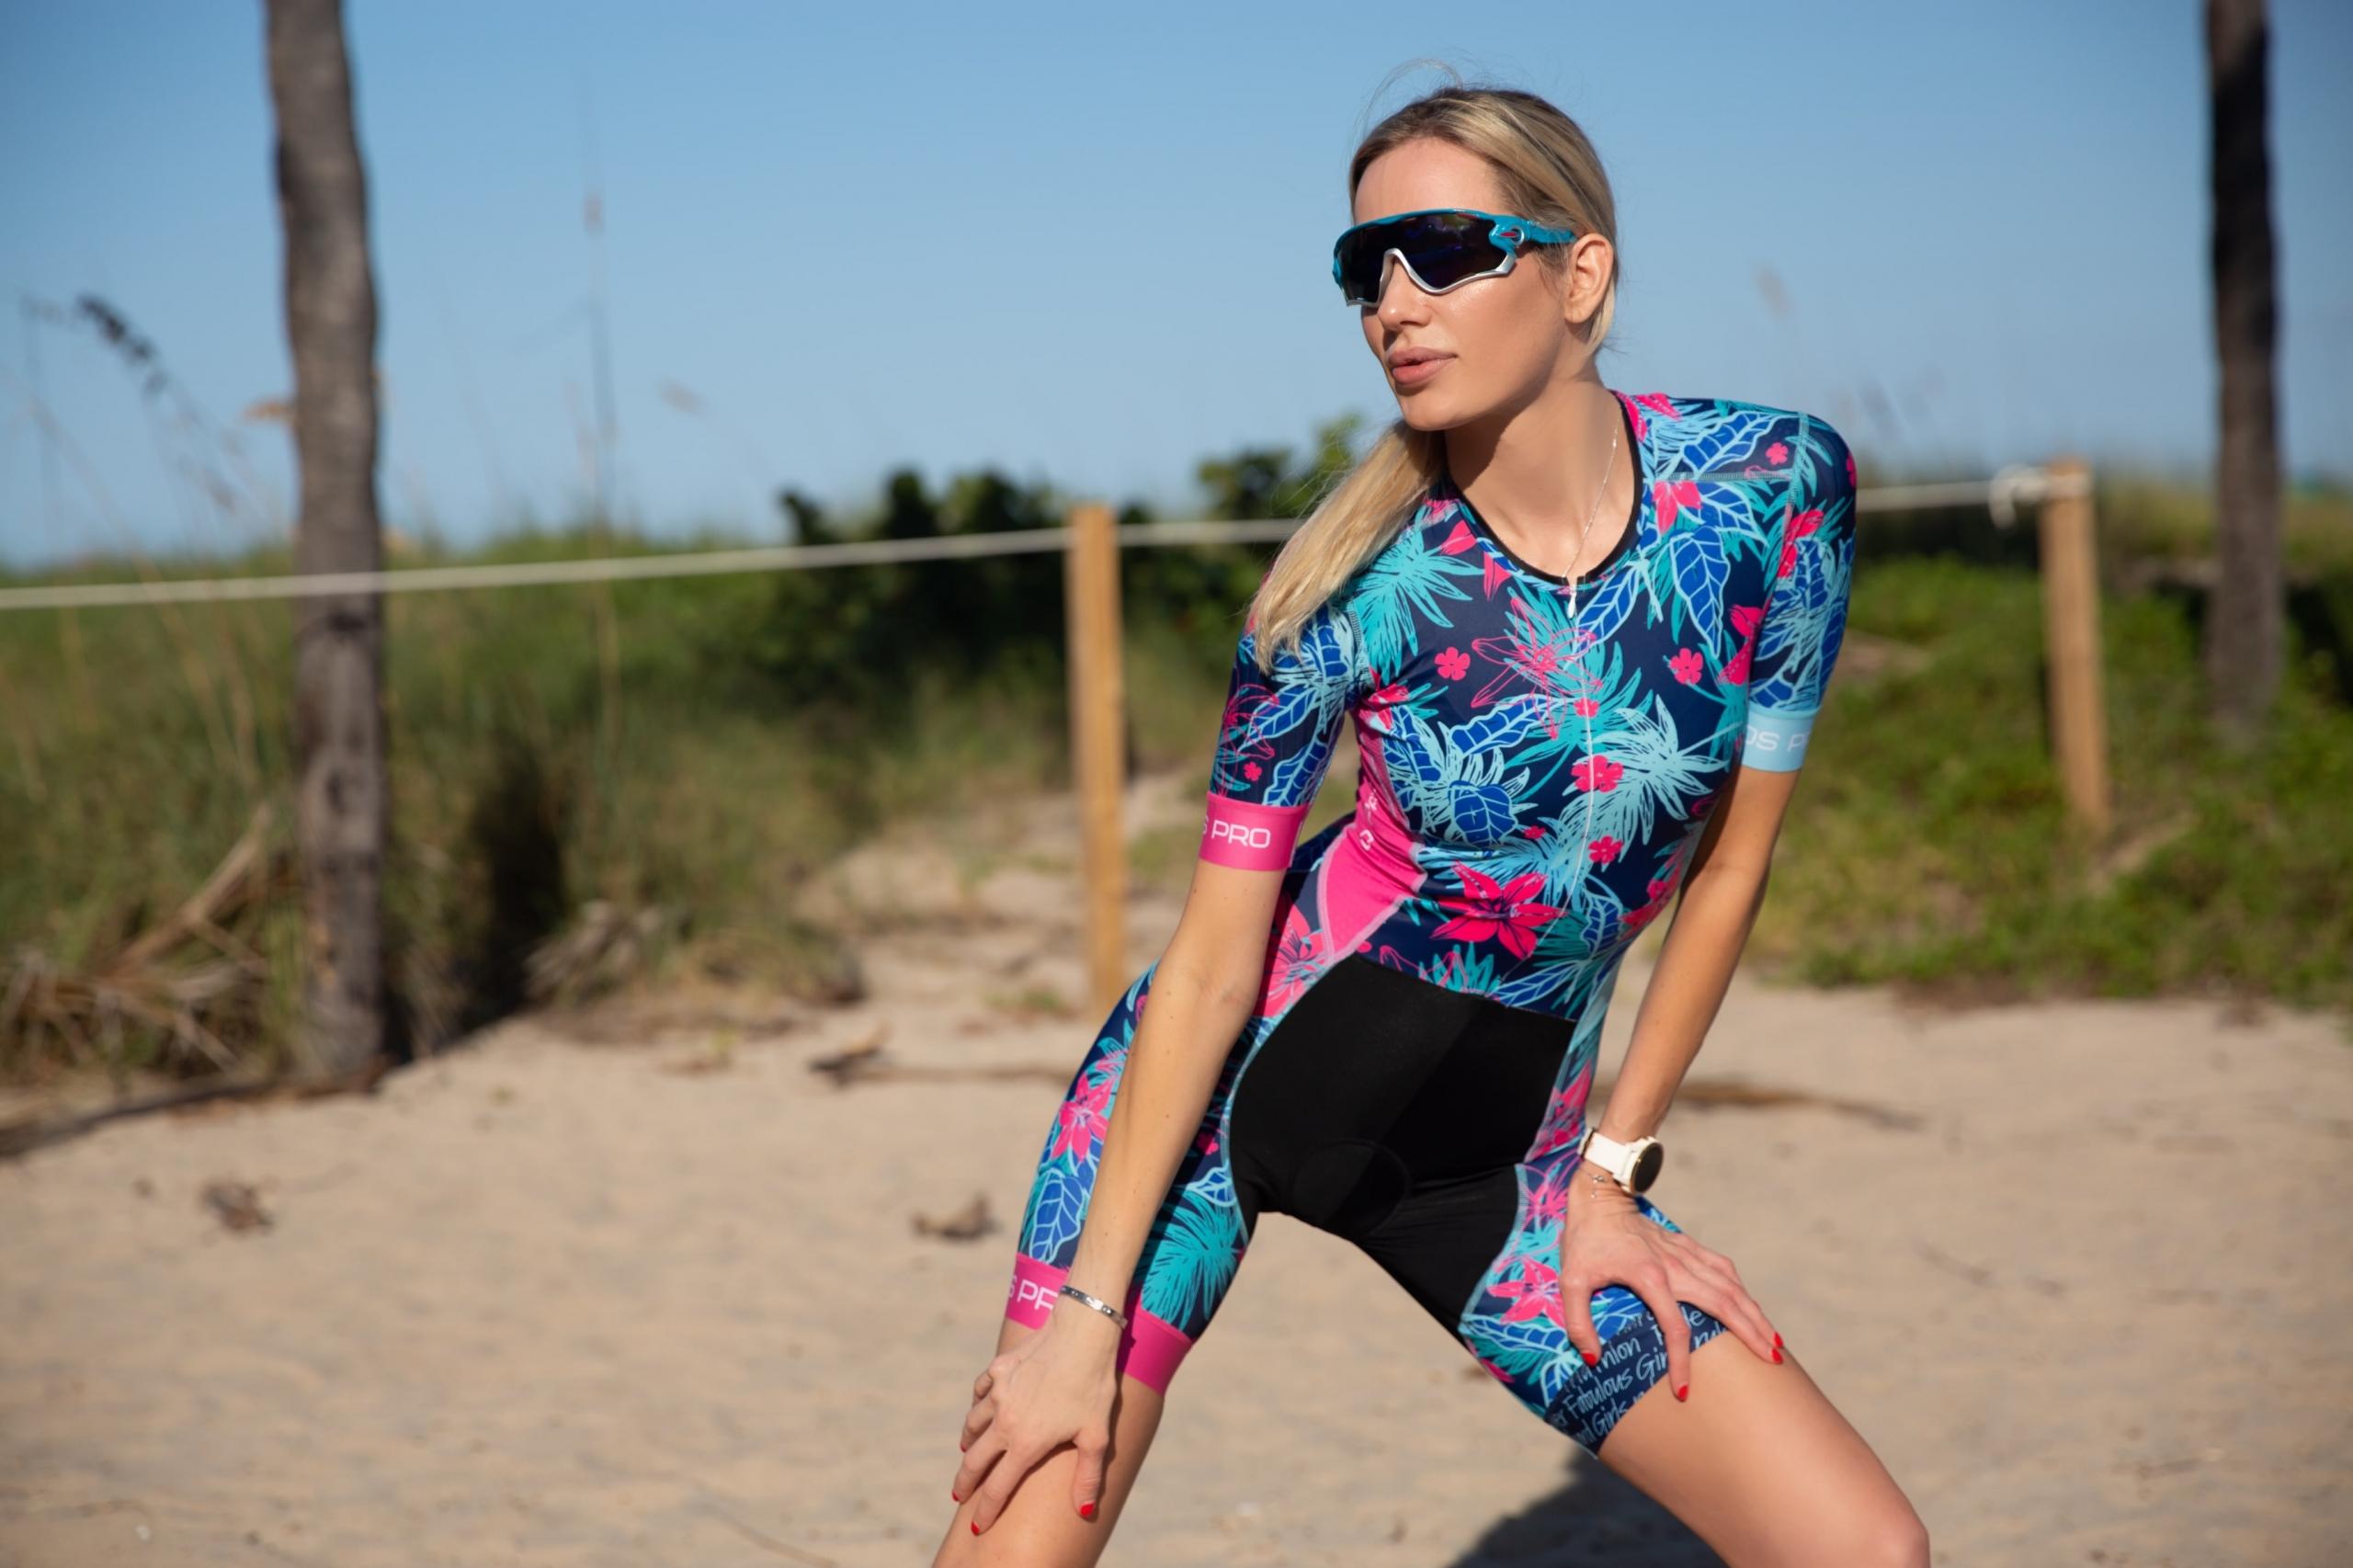 Nadezhda Pavlova Triathlon Suit